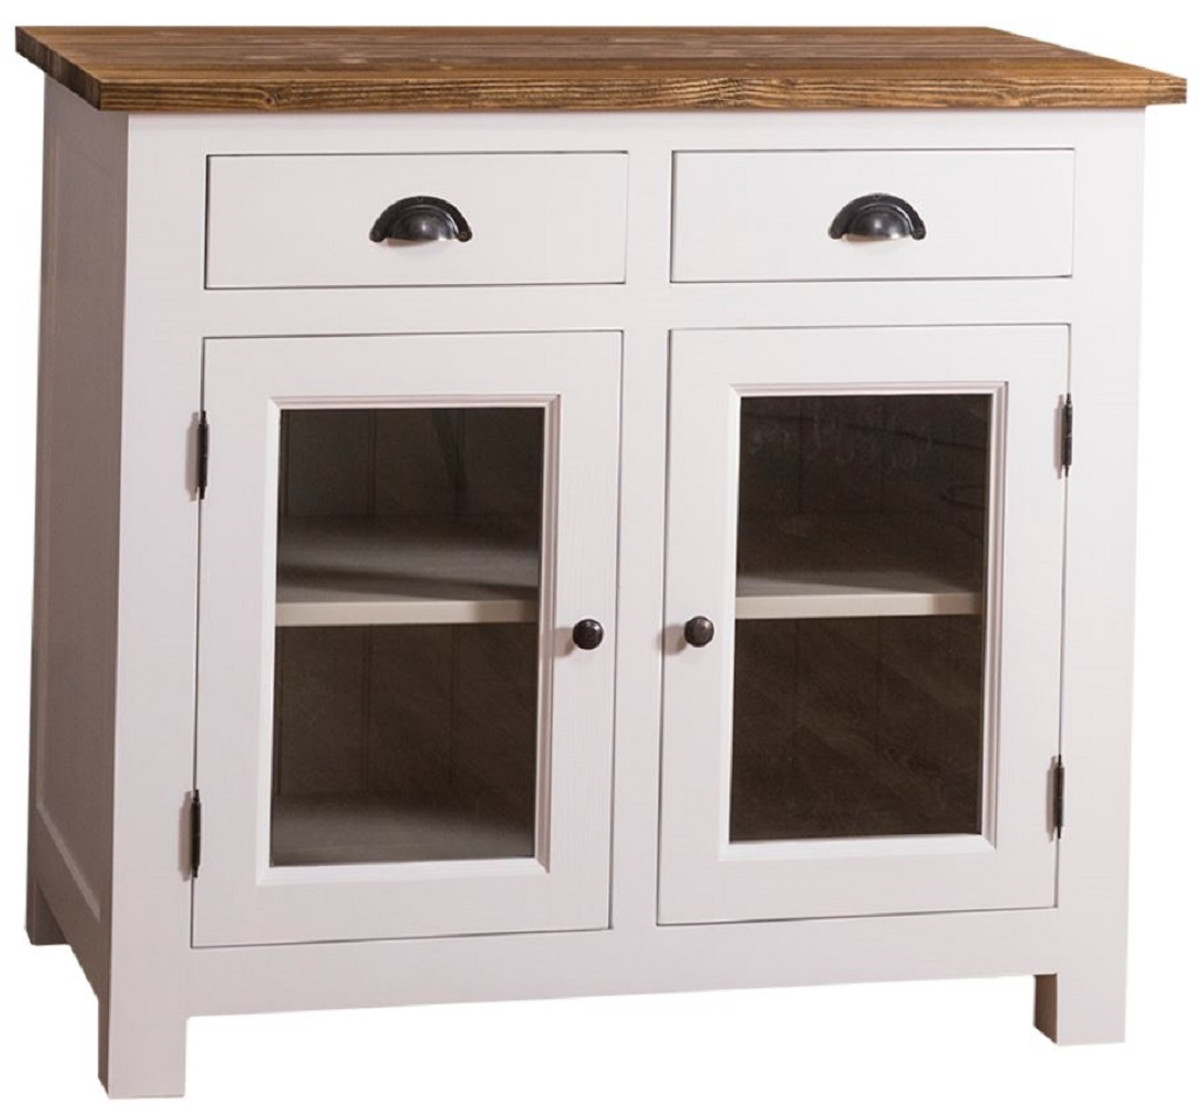 Casa Padrino Landhausstil Küchenschrank mit 2 Glastüren und 2 Schubladen  Weiß / Grau / Braun 100 x 65 x H. 90 cm - Küchenmöbel im Landhausstil